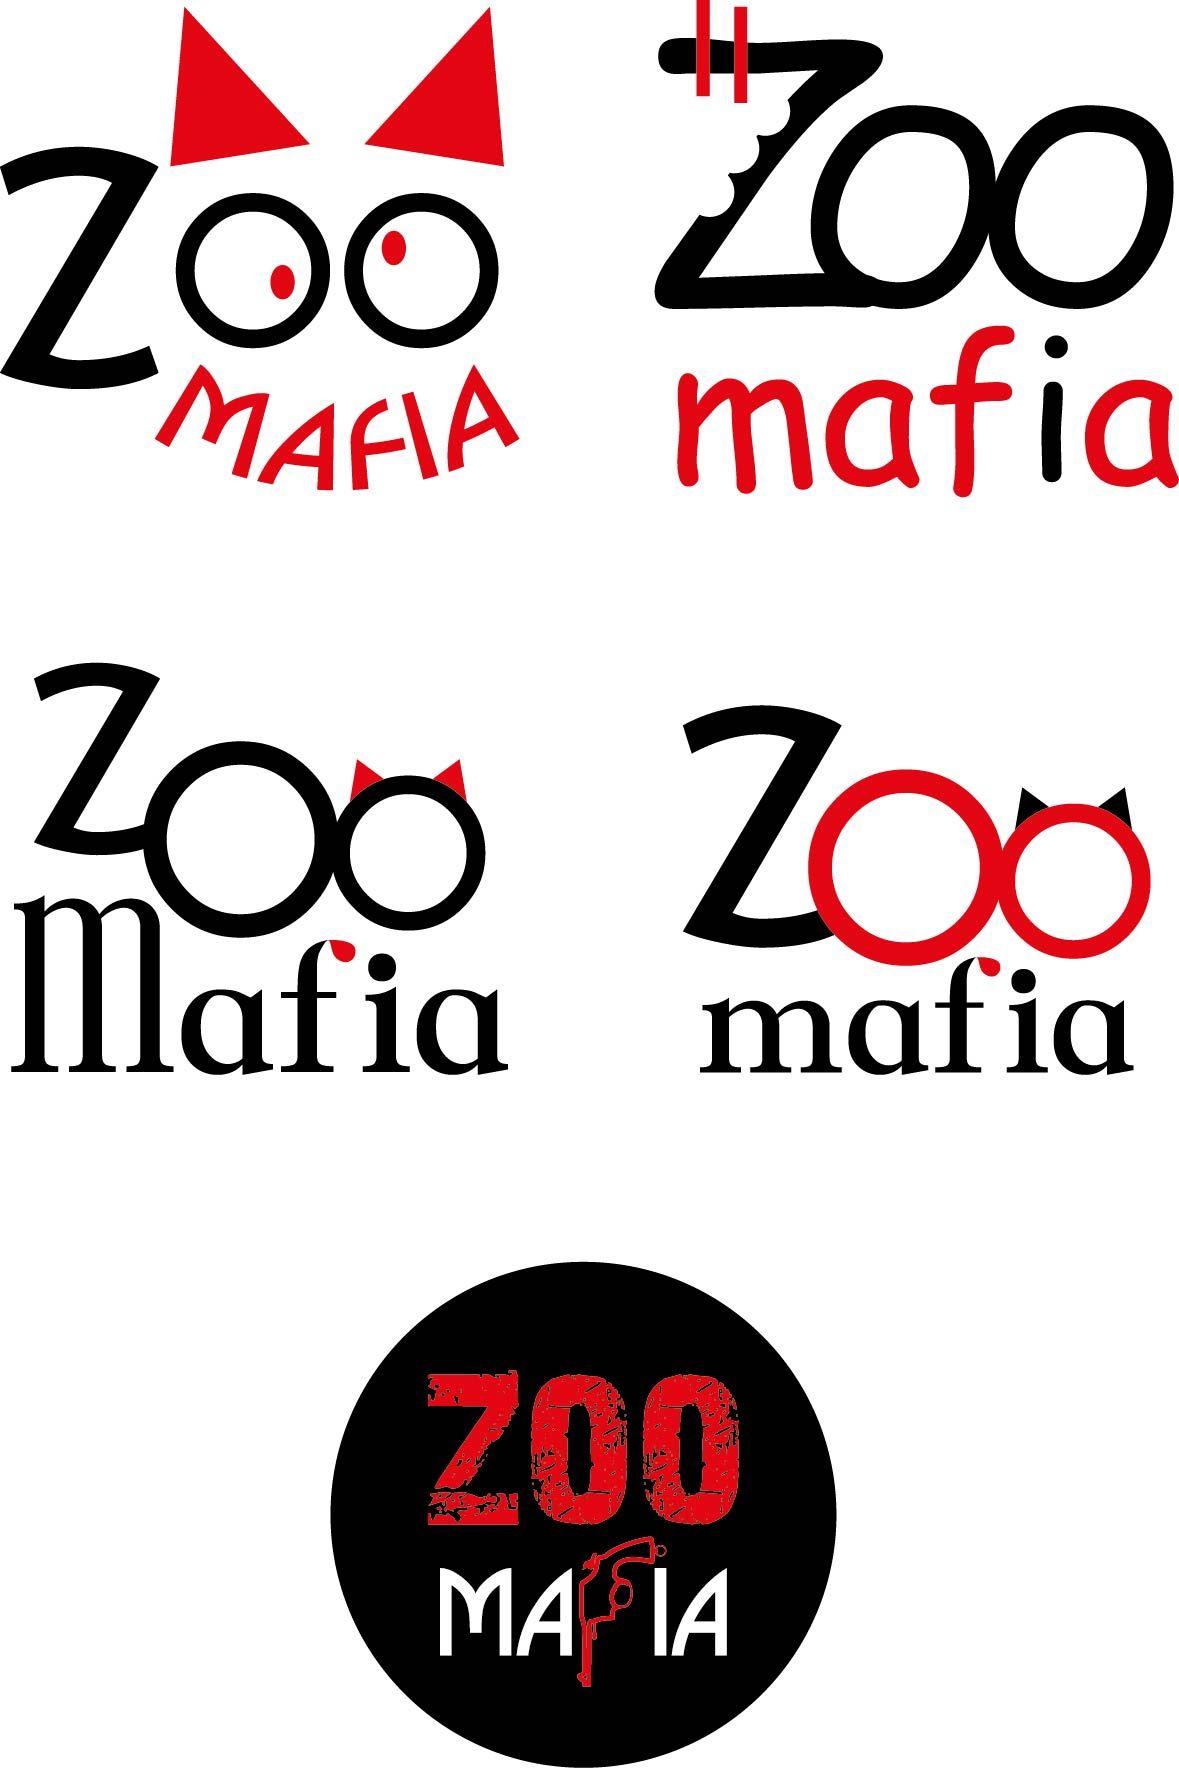 Логотип для интернет магазина зоотоваров - дизайнер xamaza